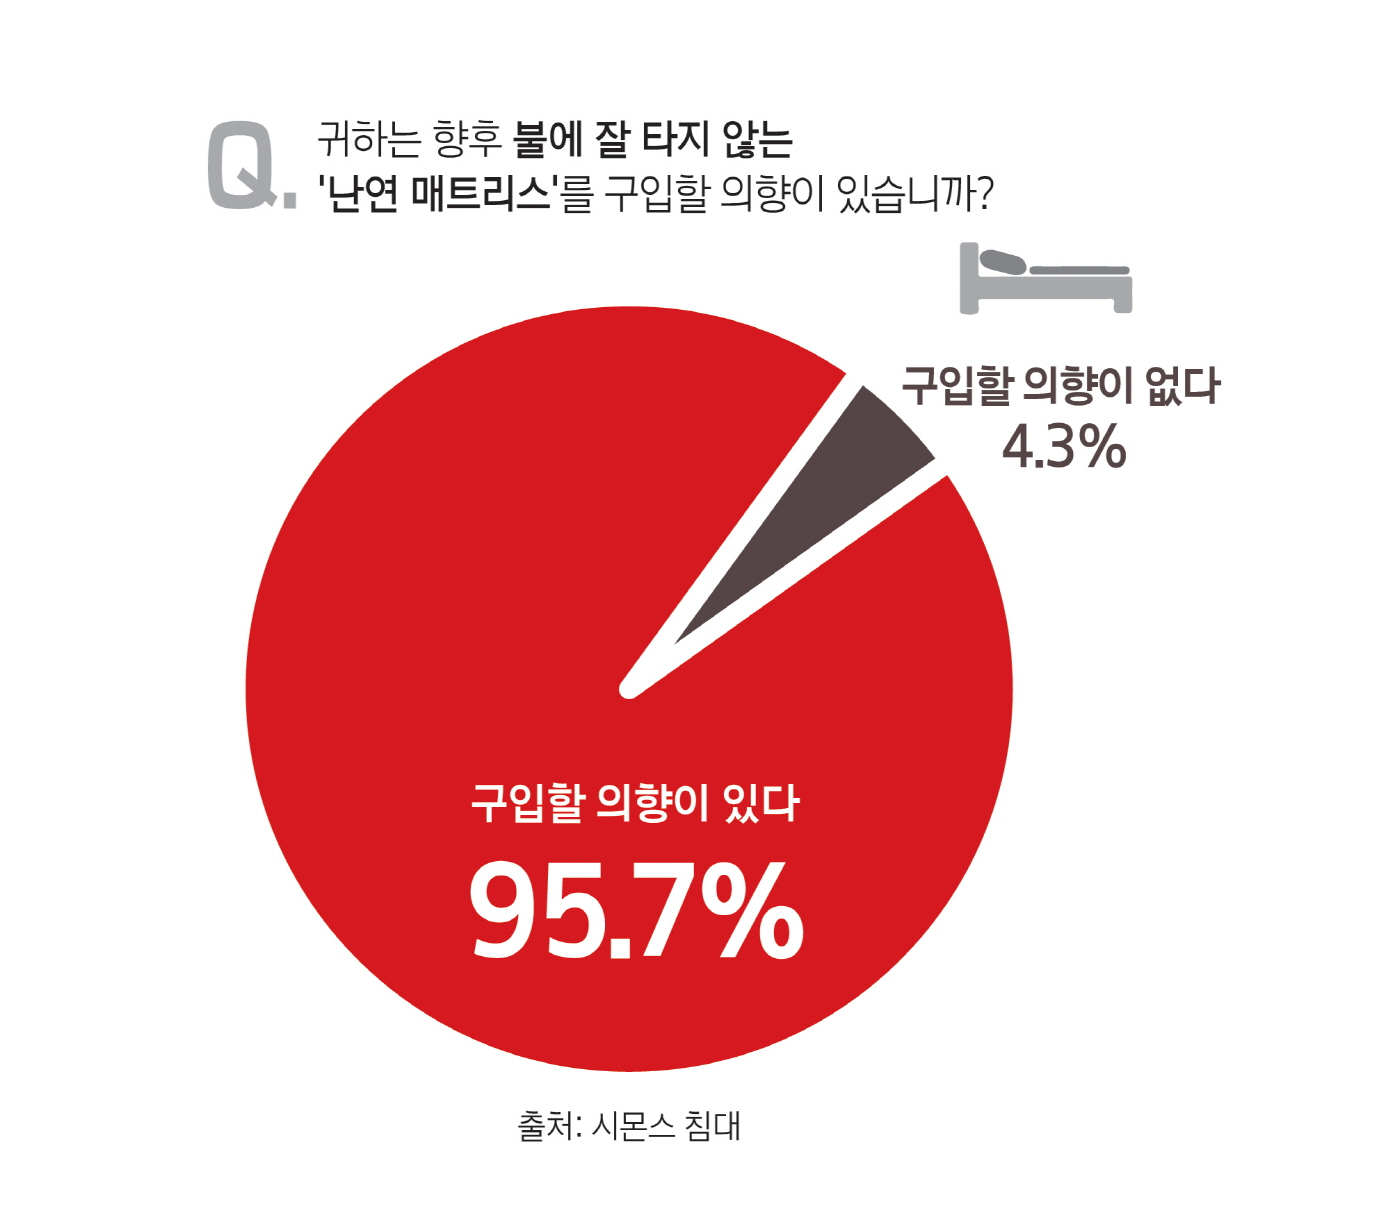 """시몬스 침대 """"응답자 98%, 침대 매트리스 화재 안전규정 강화해야"""""""